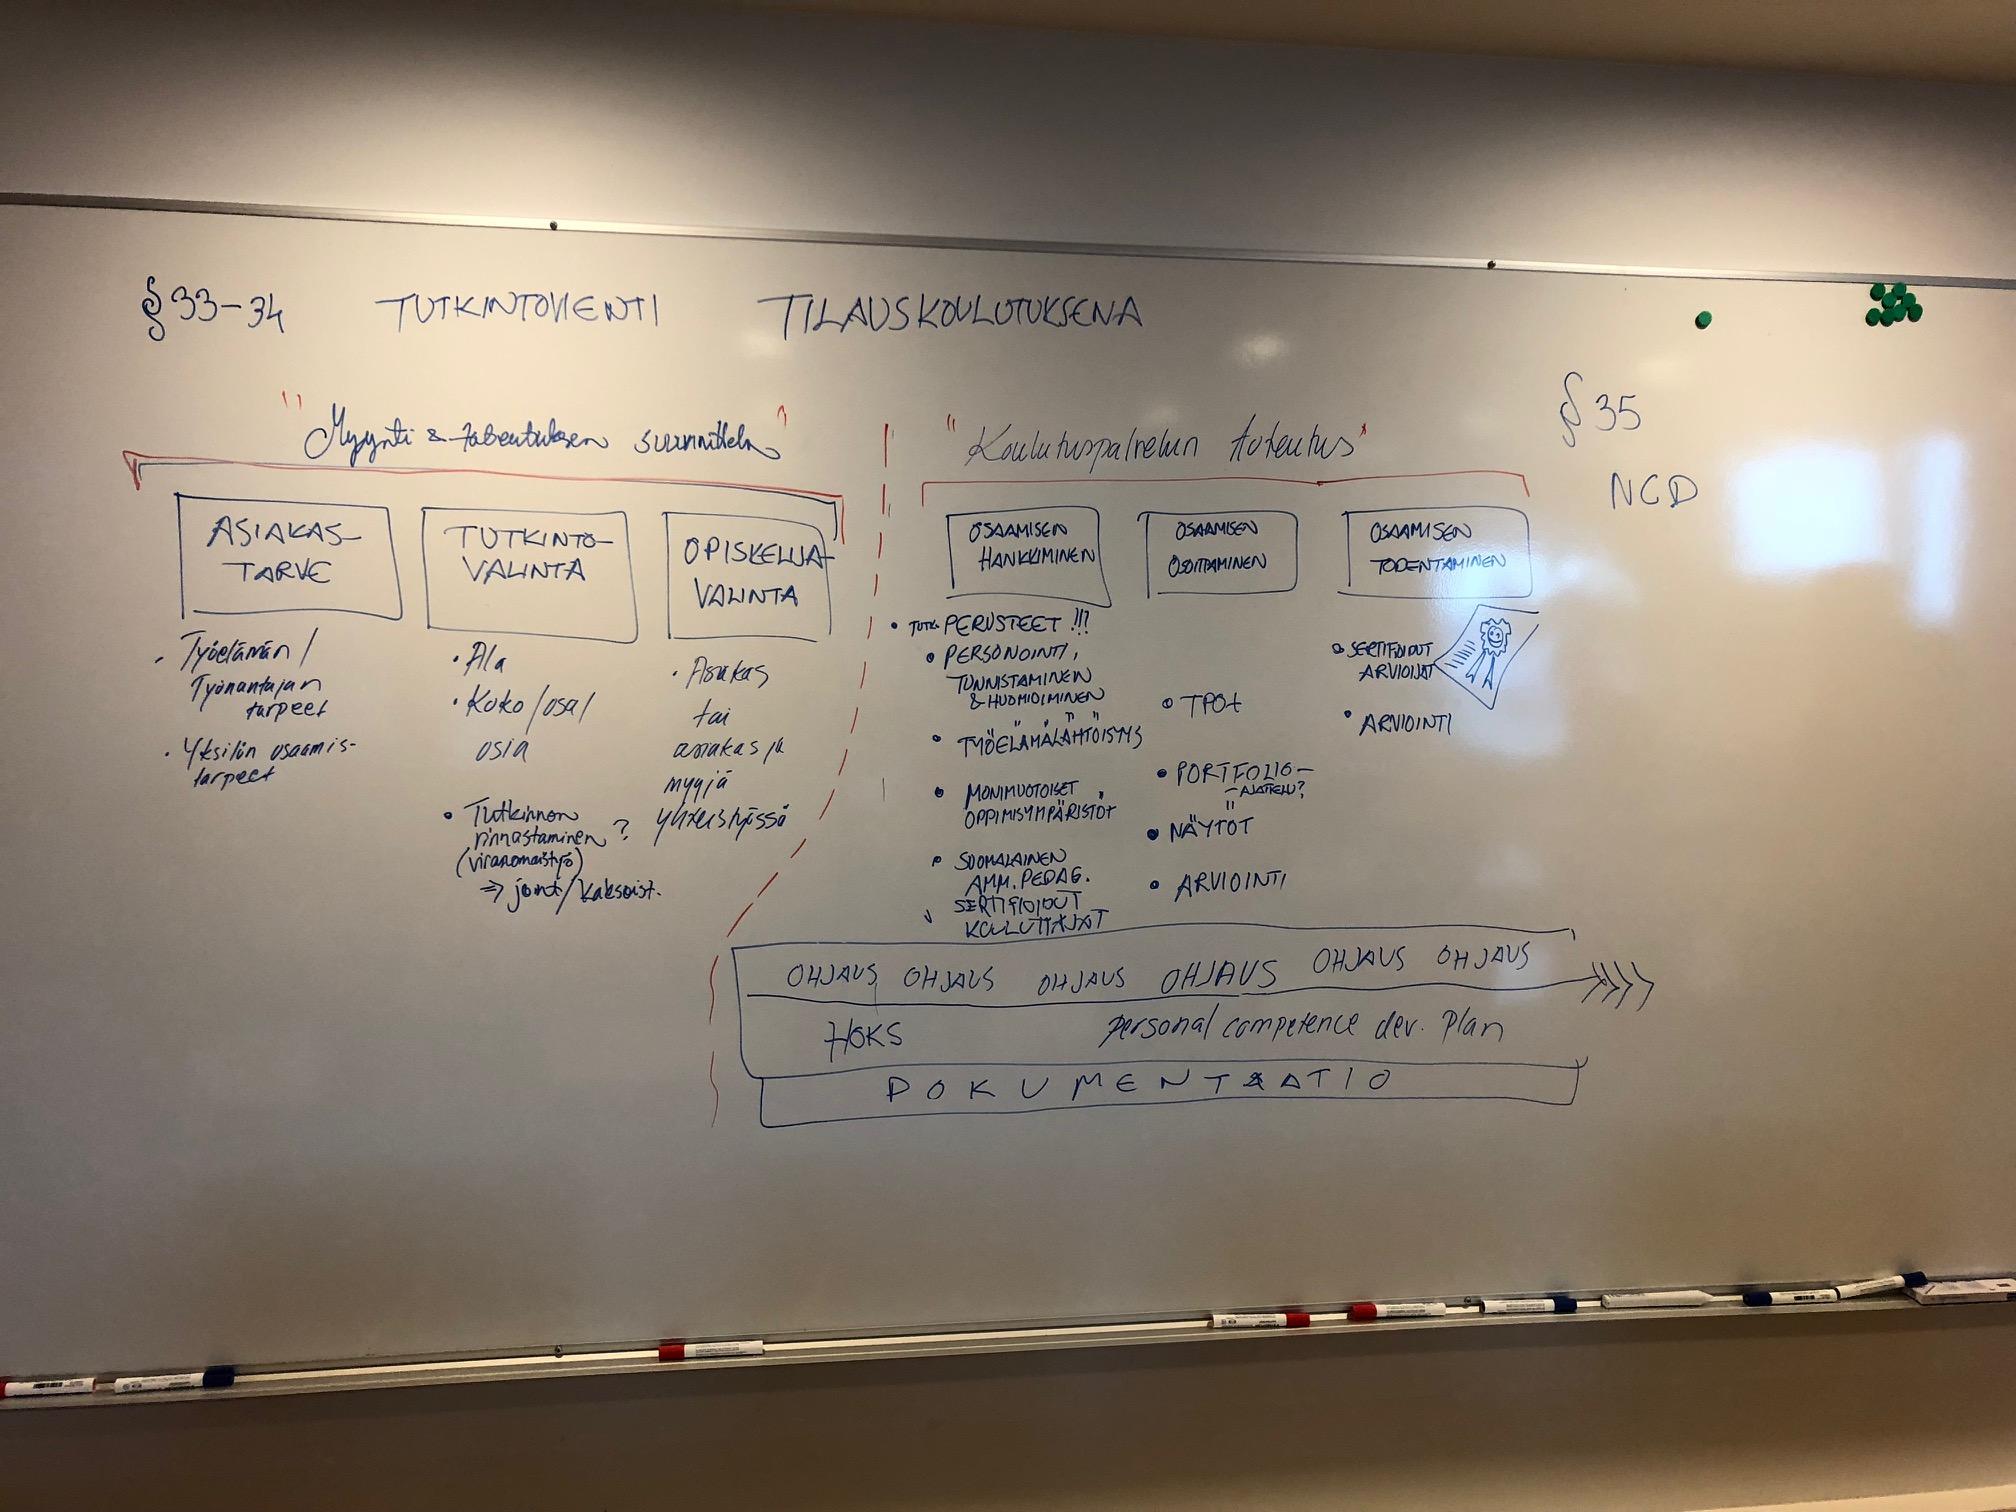 Hahmotelma tilauskoulutuksena toteutettavan tutkintokoulutuksen prosessista